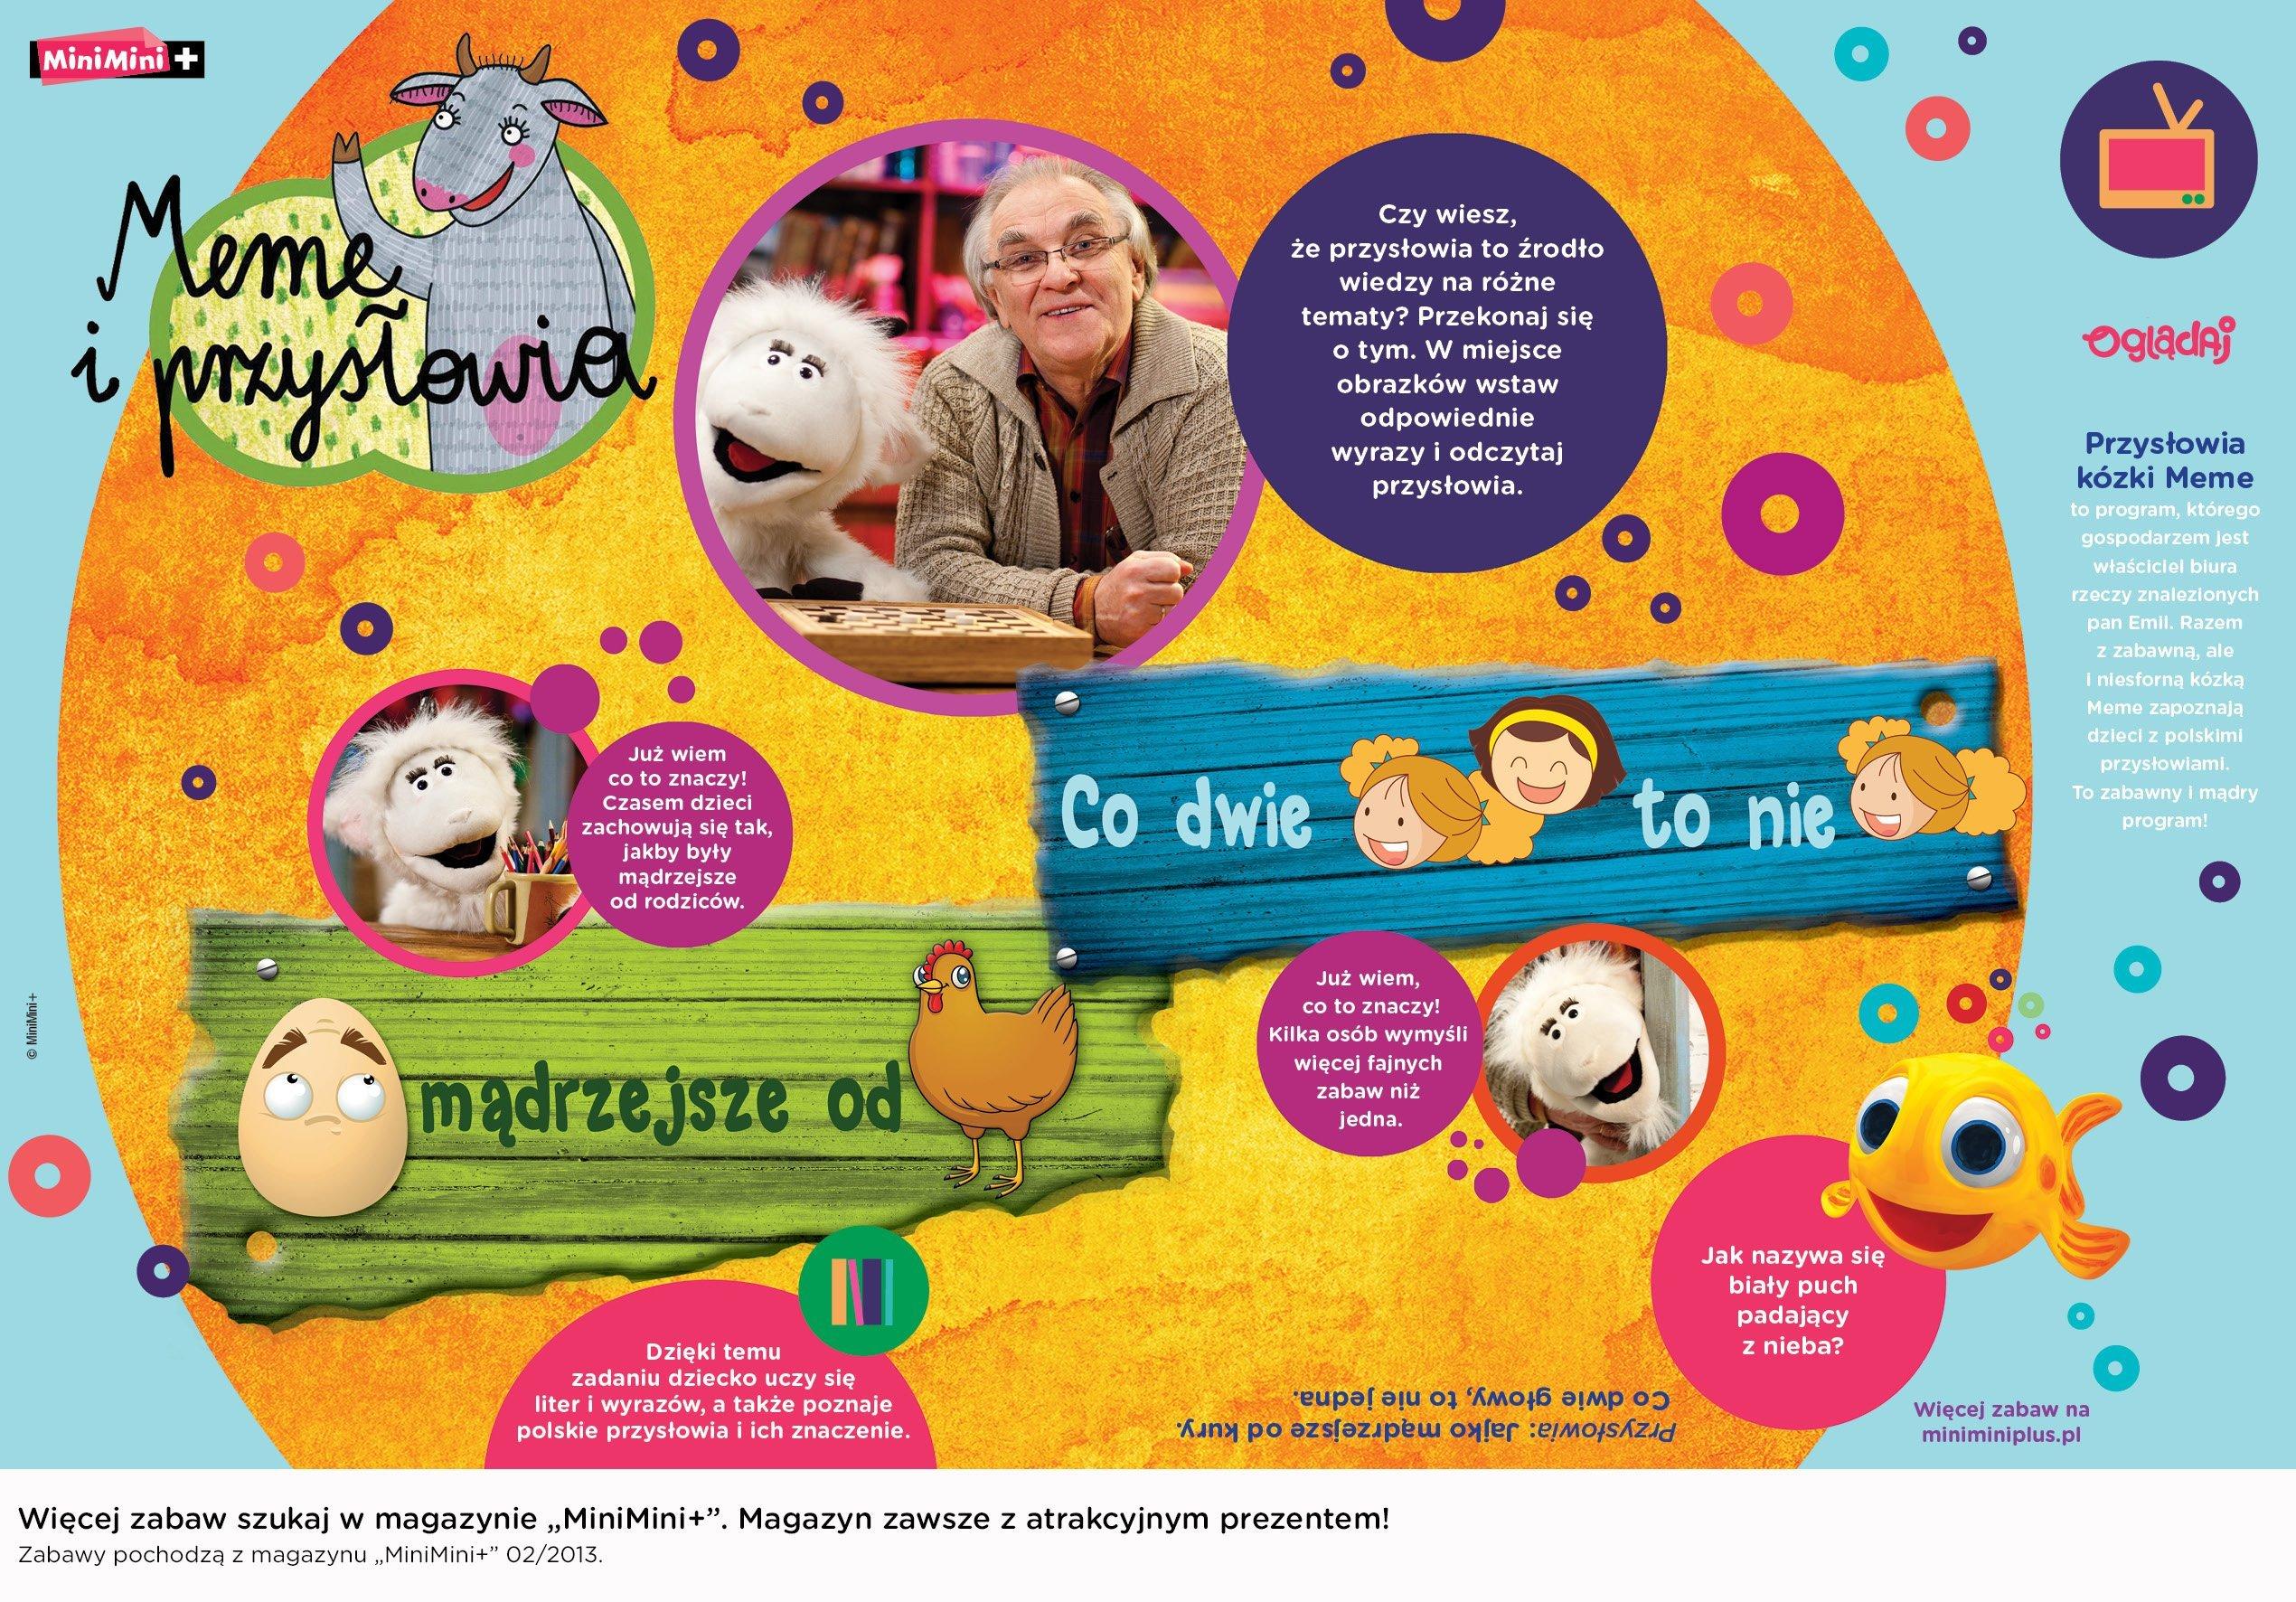 Kózka Meme i przysłowia edukacyjna zabawa dla dzieci do druku